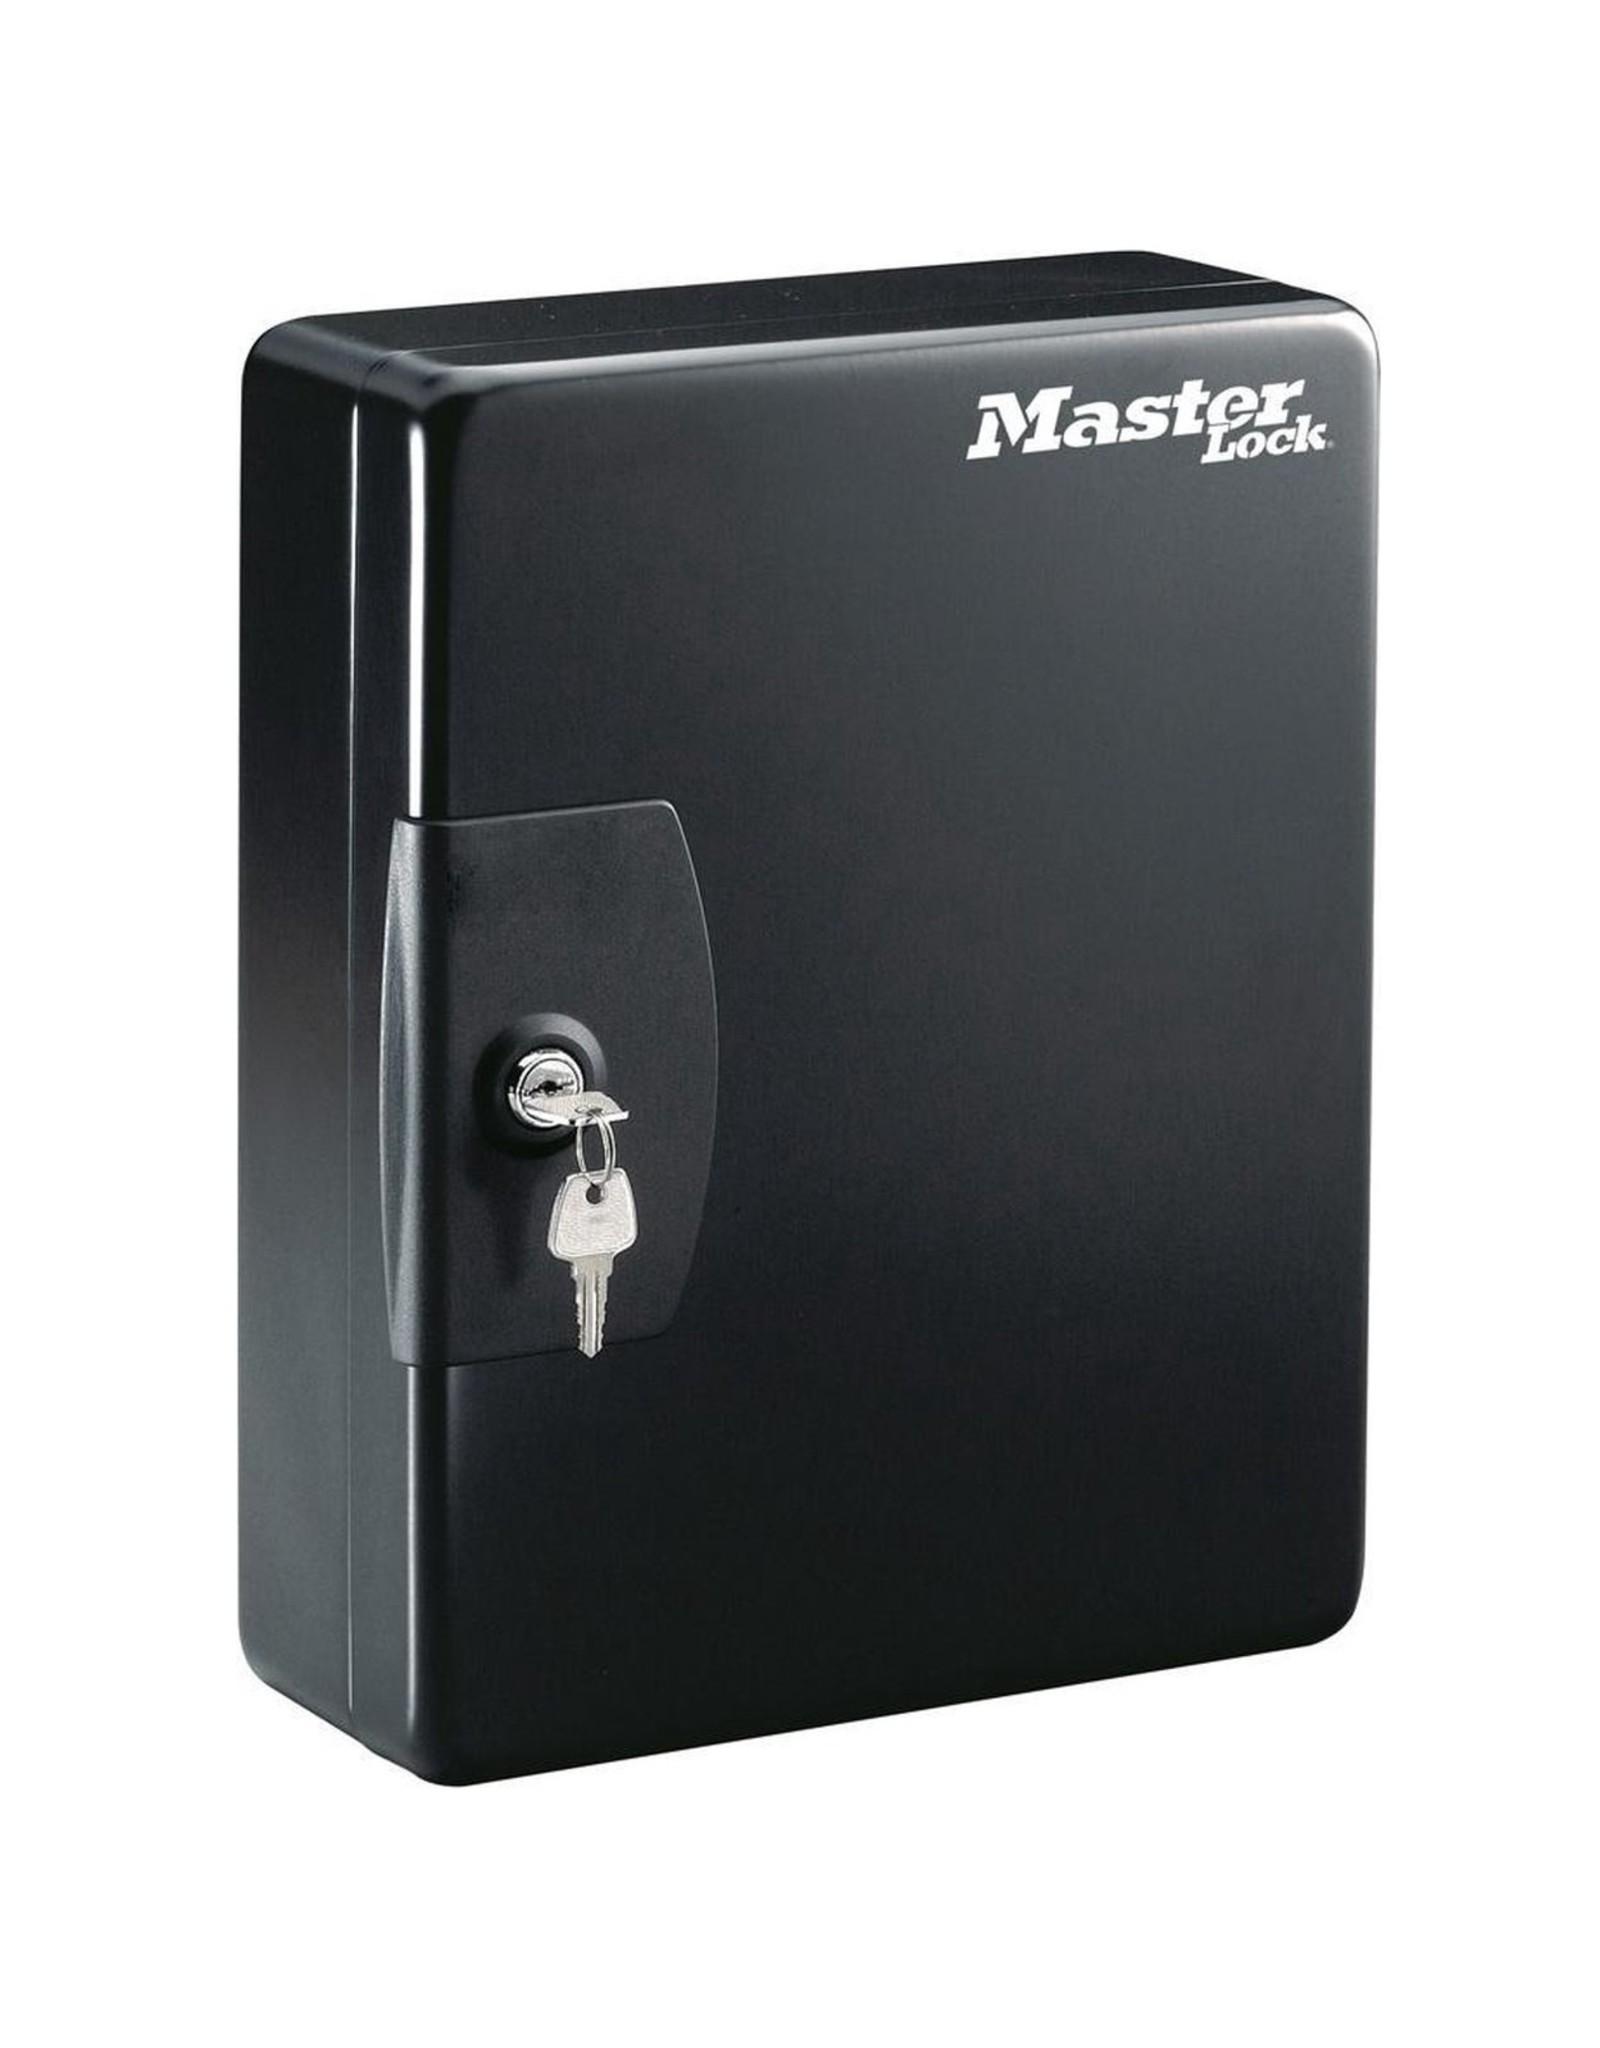 MasterLock MasterLock - Sleutelkast - Voor 25 sleutels - Incl. 25 sleutel labels